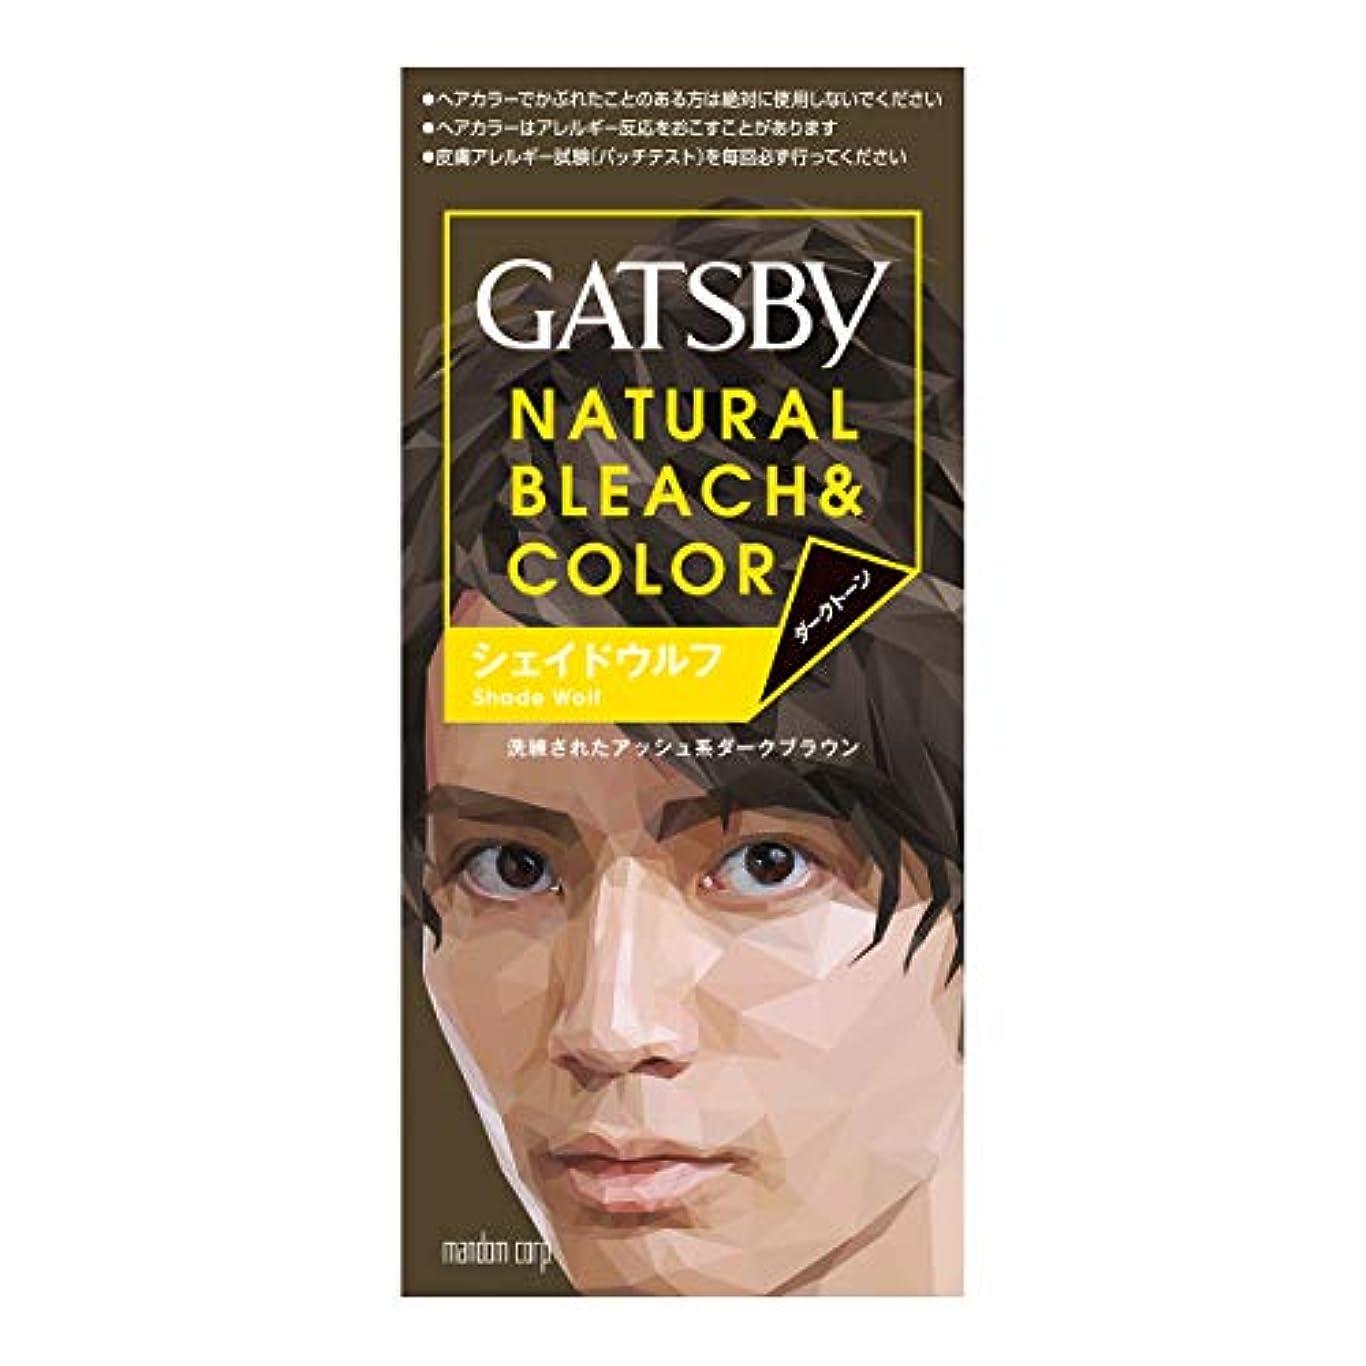 ホールドオール植木神のGATSBY(ギャツビー) ナチュラルブリーチカラー シェイドウルフ 1剤35g 2剤70mL (医薬部外品)